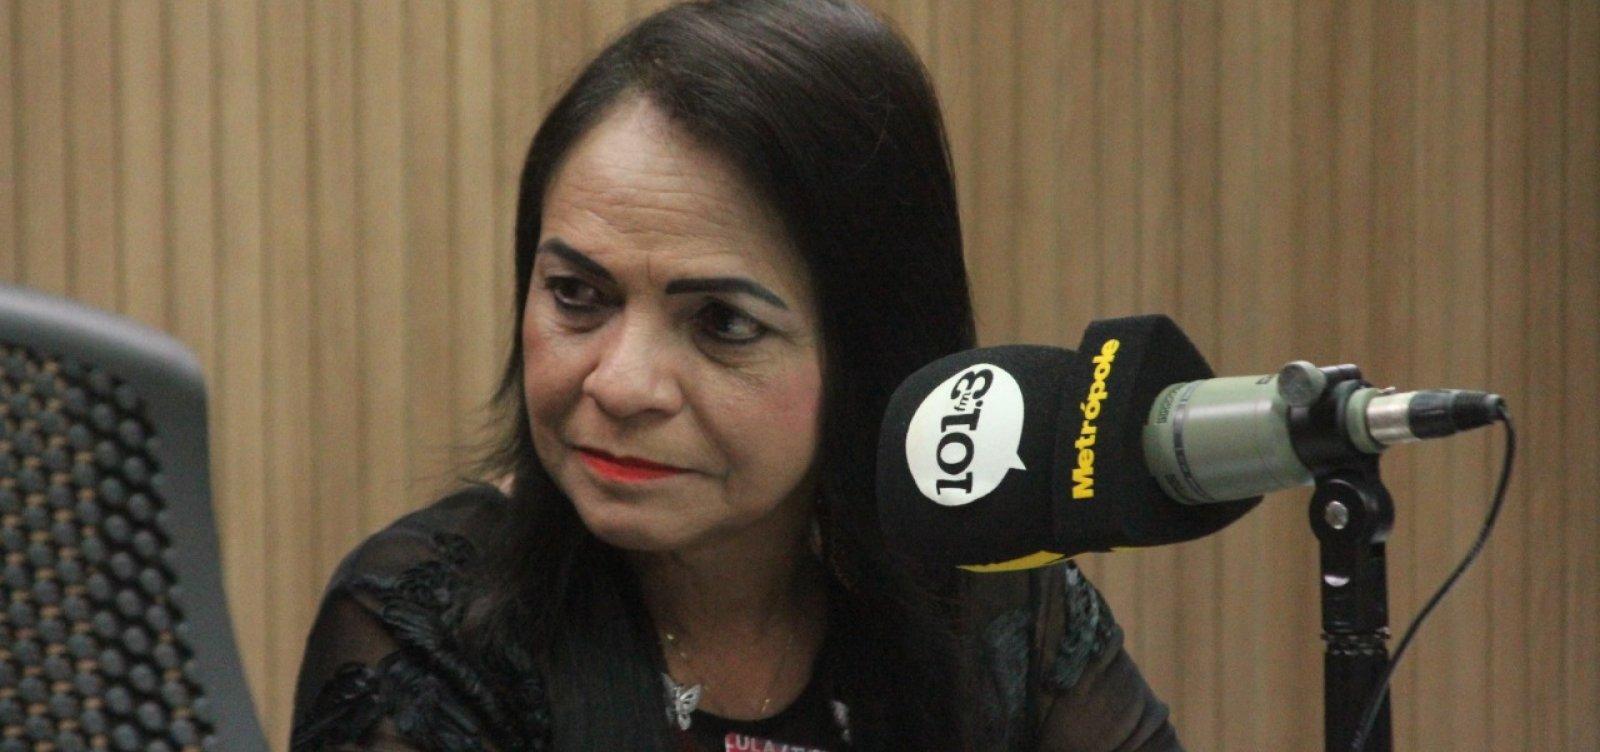 [Moema diz que tem 'direito de ser pré-candidata' admite pela 1ª vez que vai concorrer]